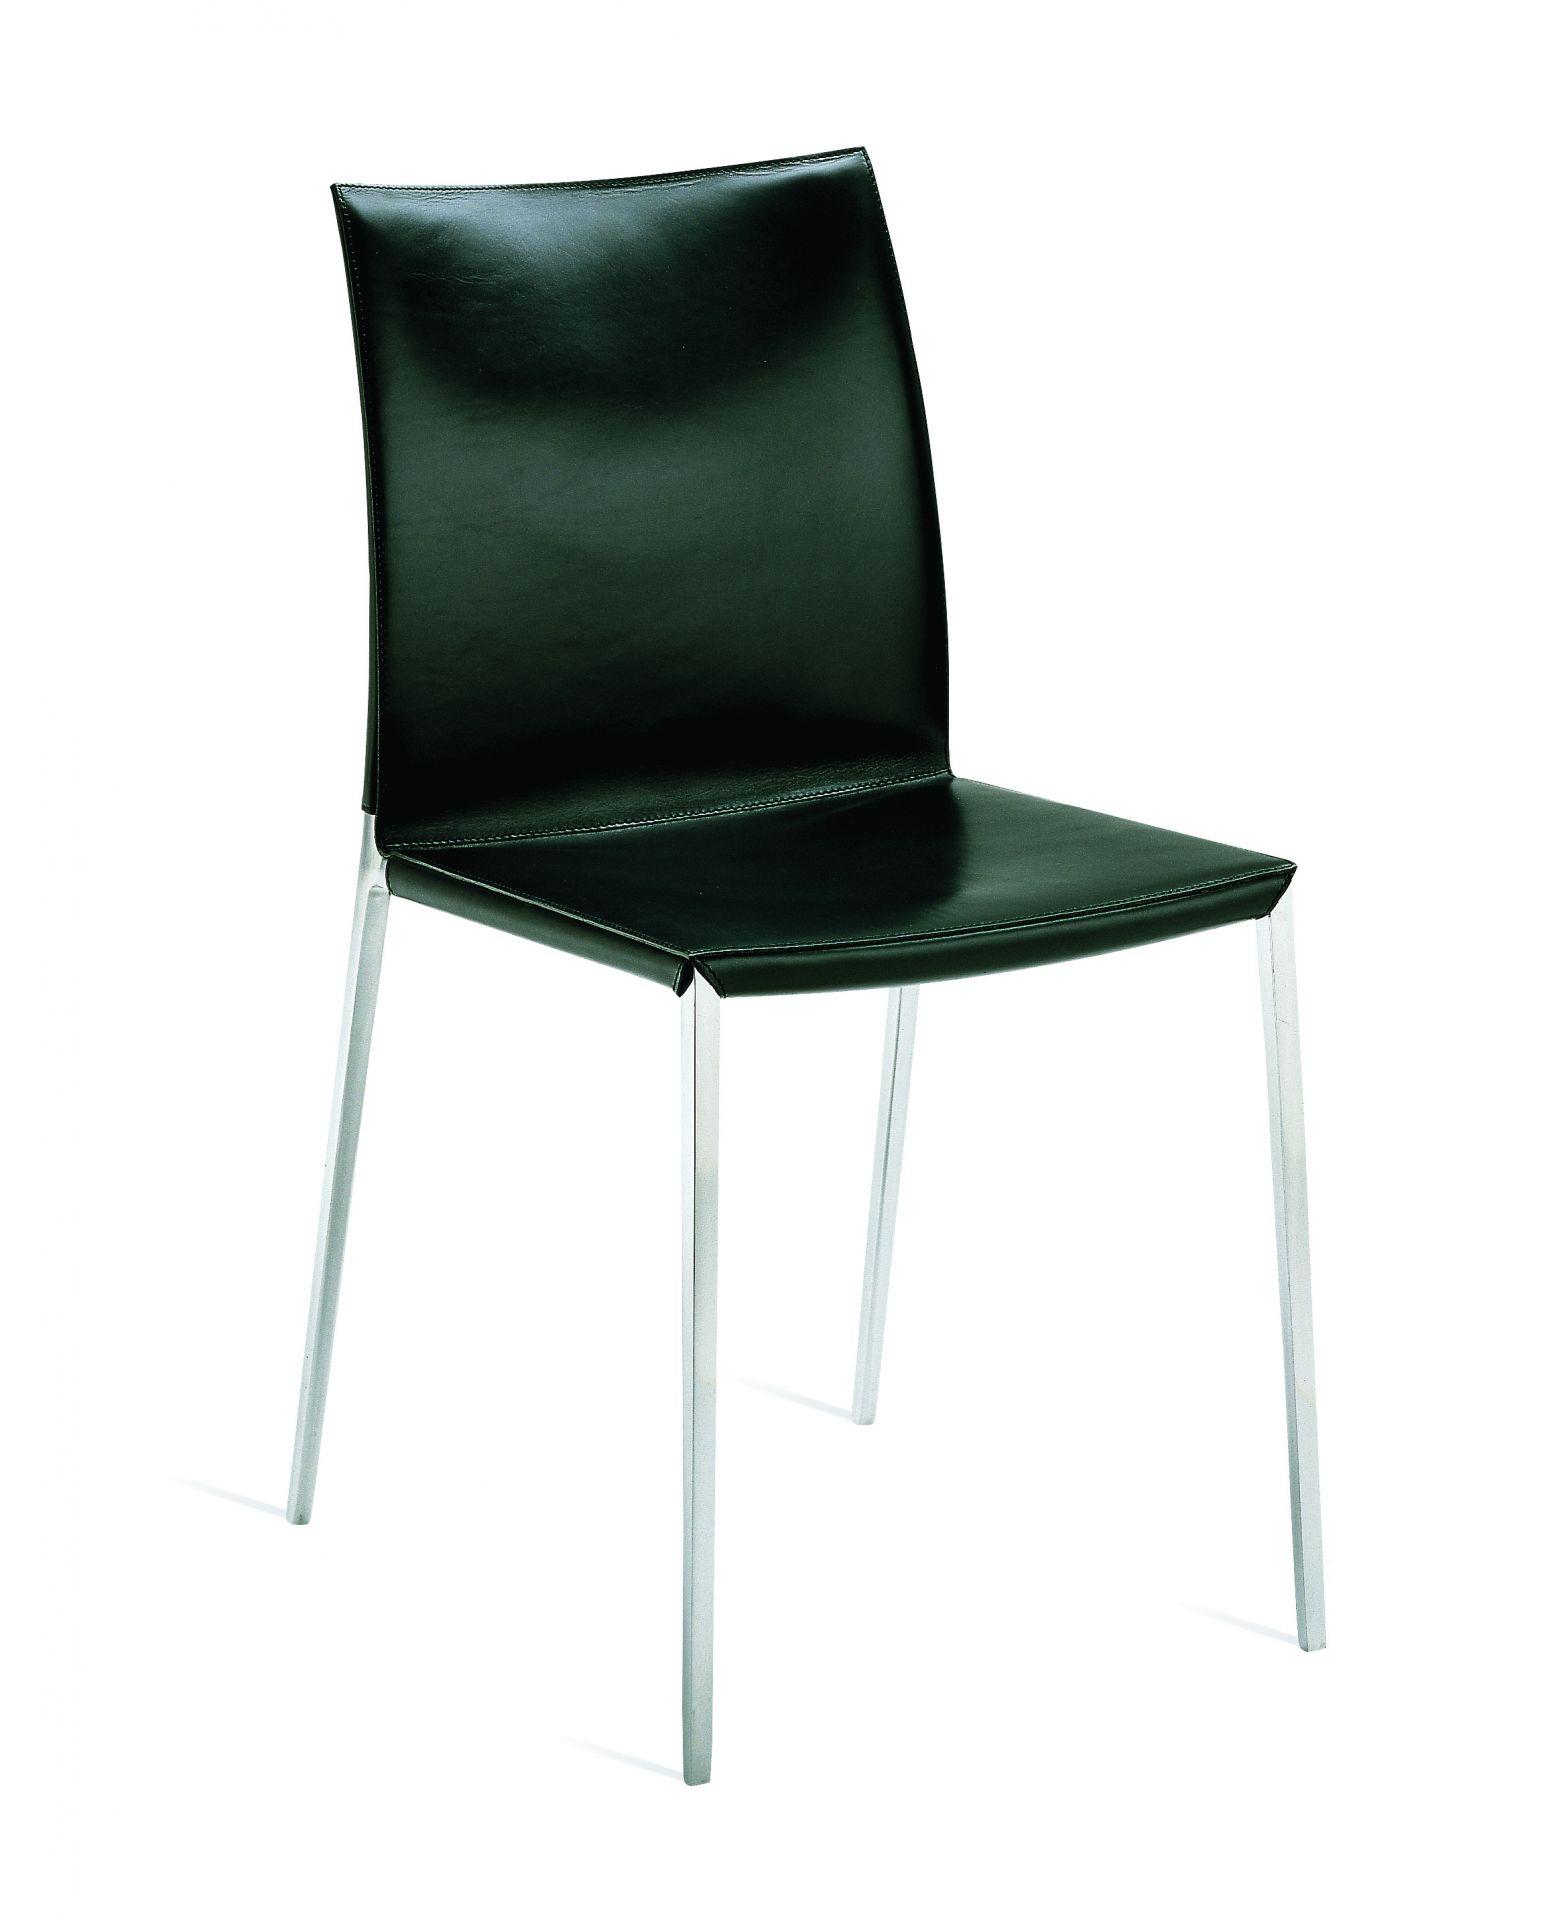 Lia Stuhl ohne Armlehnen B 44 Zanotta